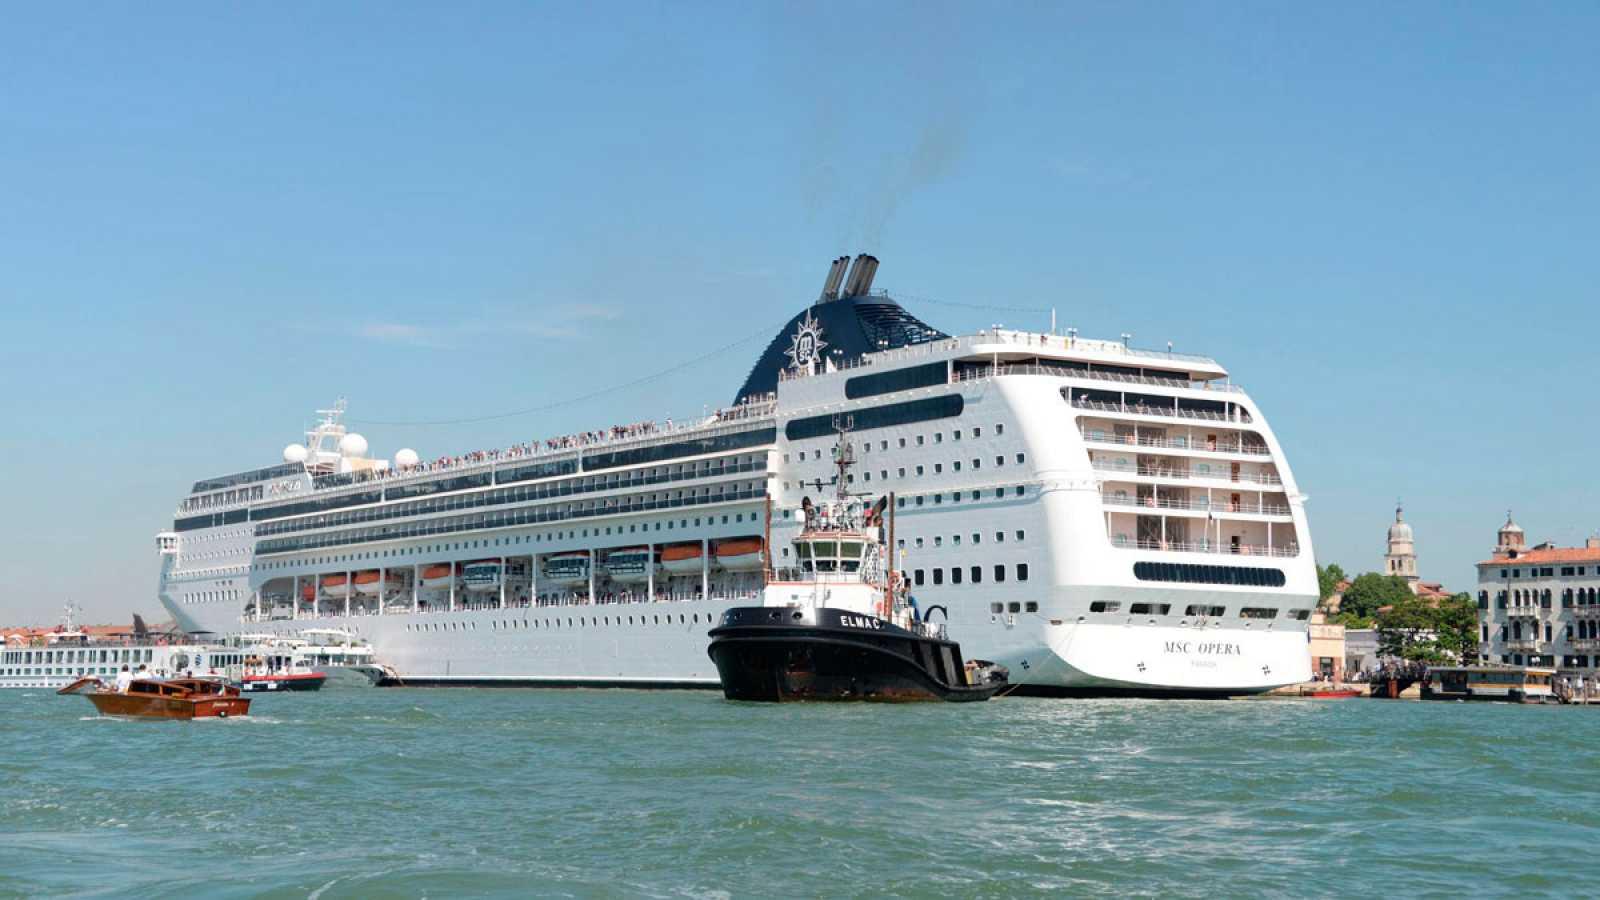 Un crucero choca contra un muelle y un barco turístico en un canal de Venecia